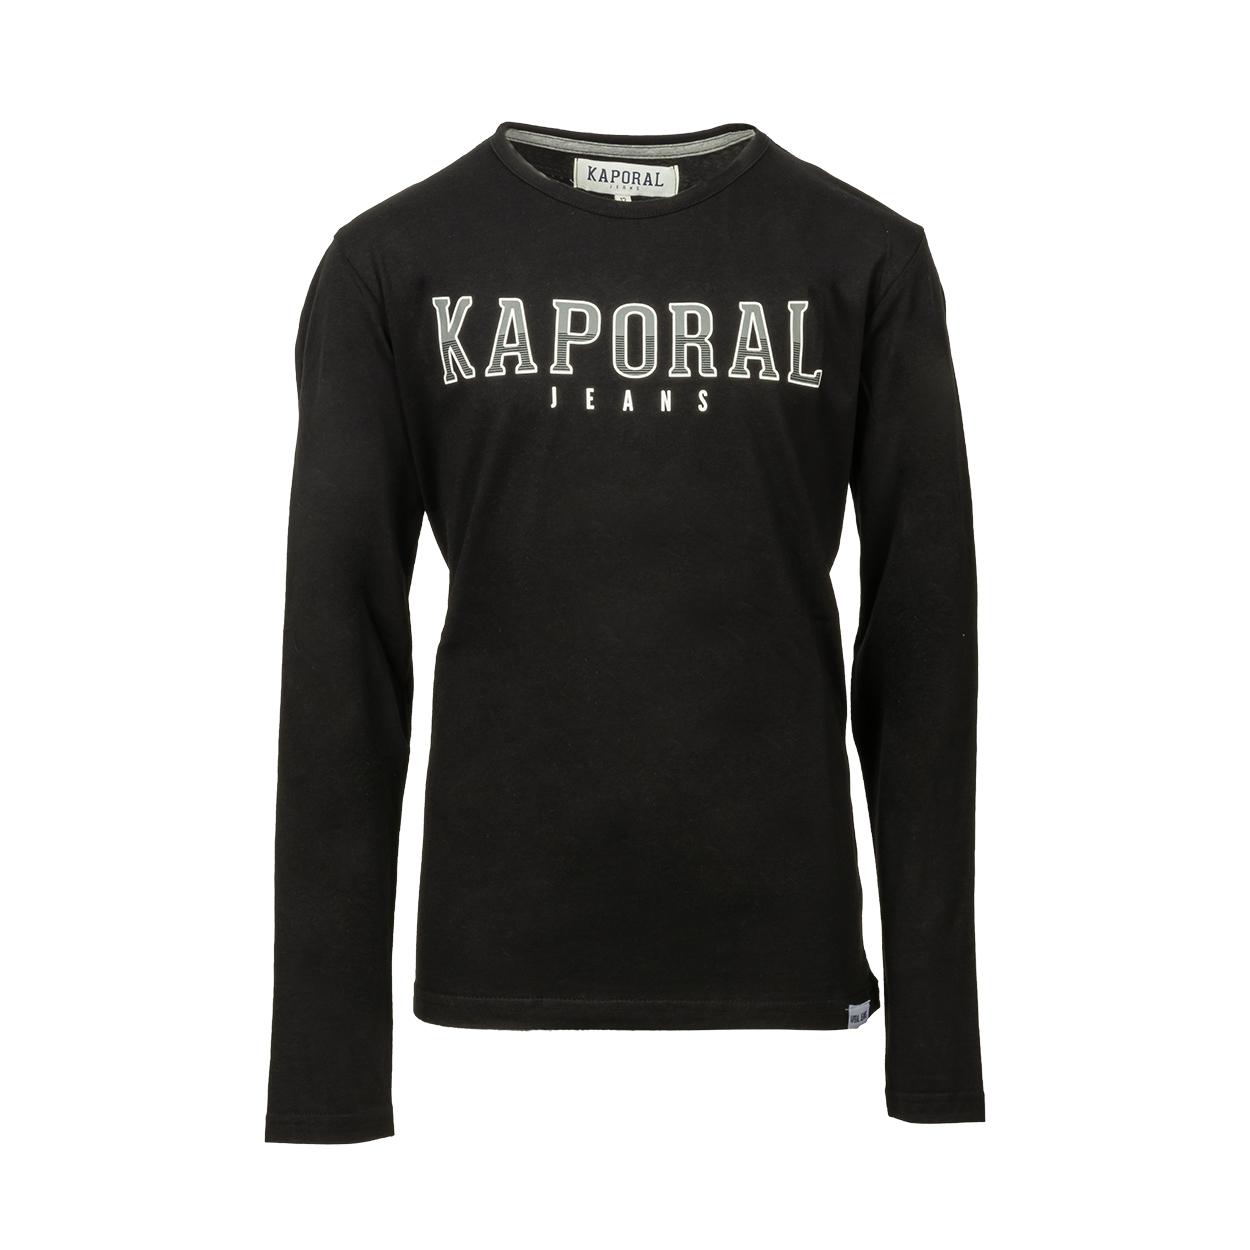 Tee-shirt col rond kaporal onard manches longues en coton noir imprimé gris